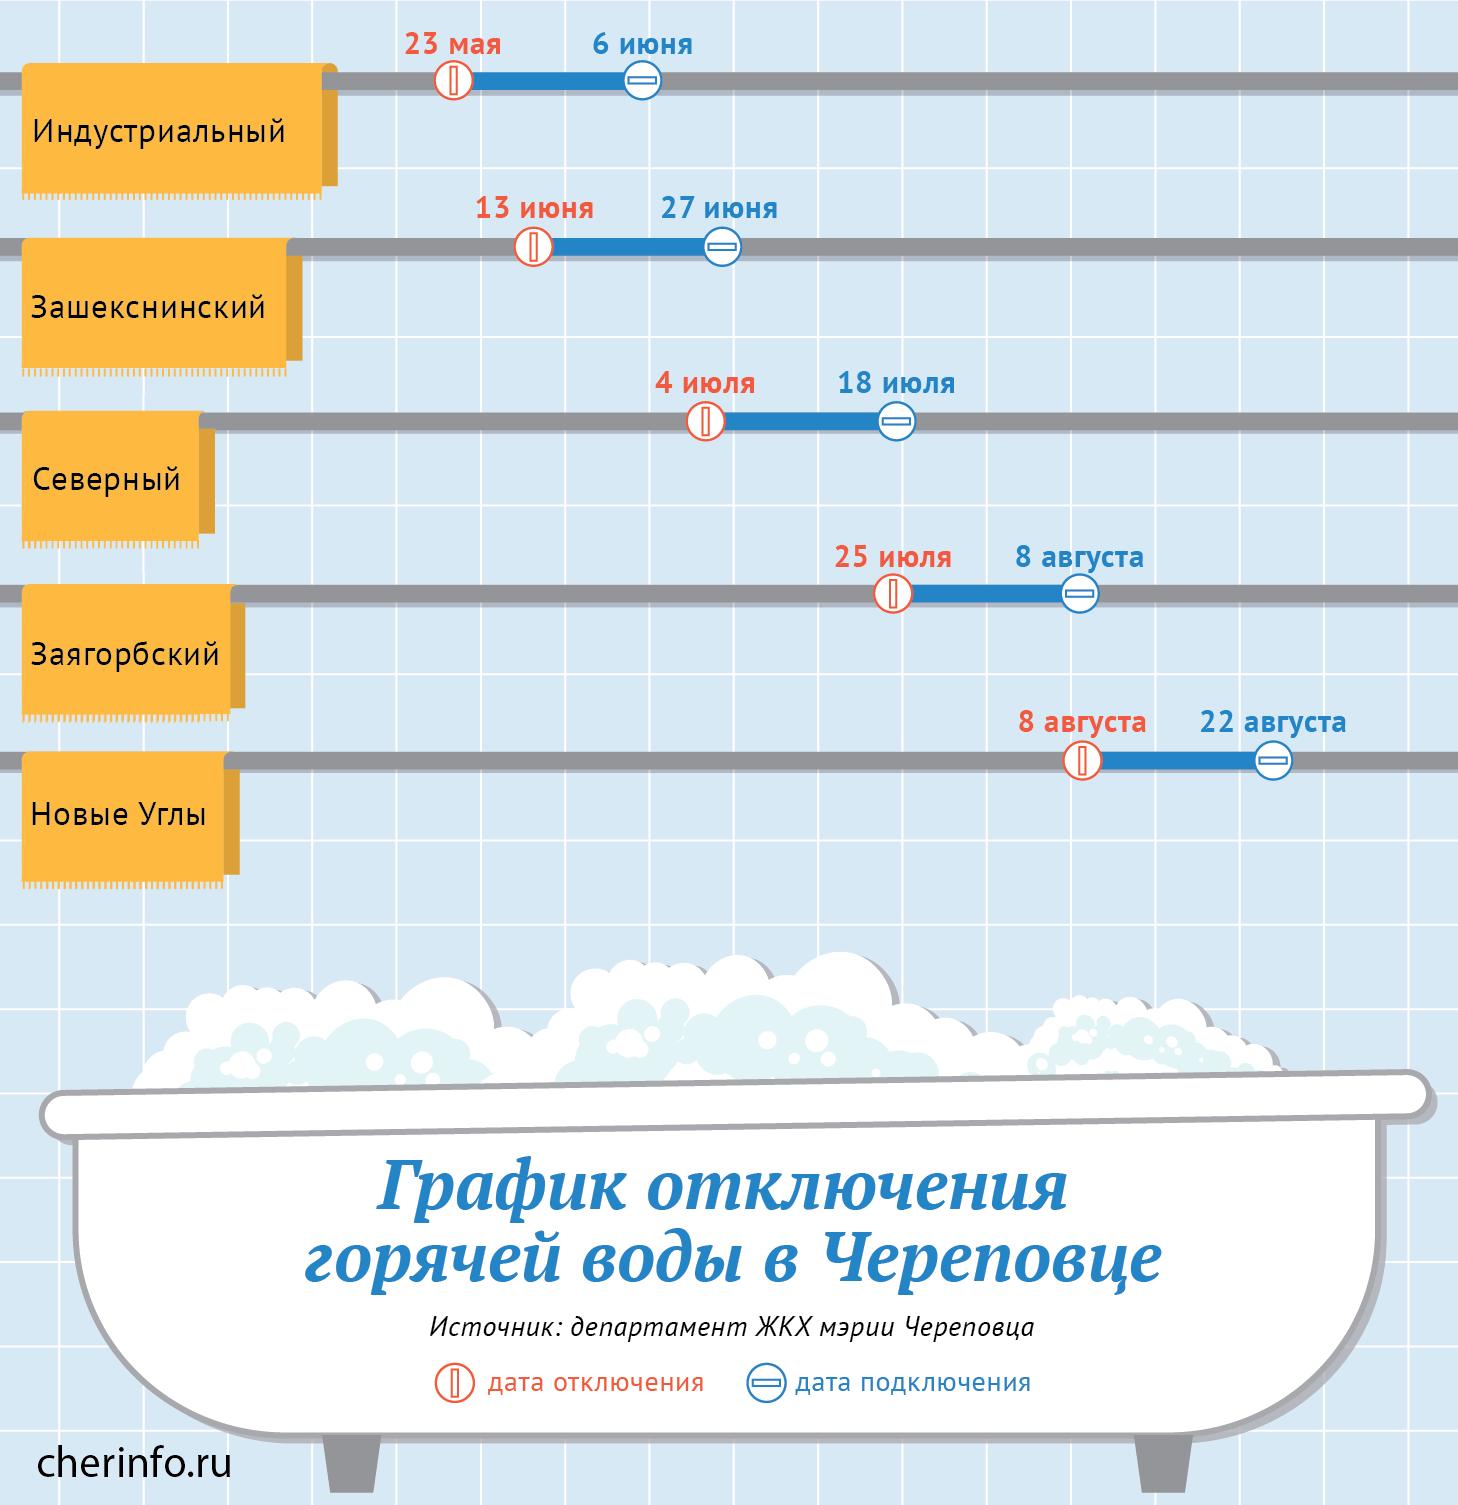 воды холодной график петропавловск-к отключения